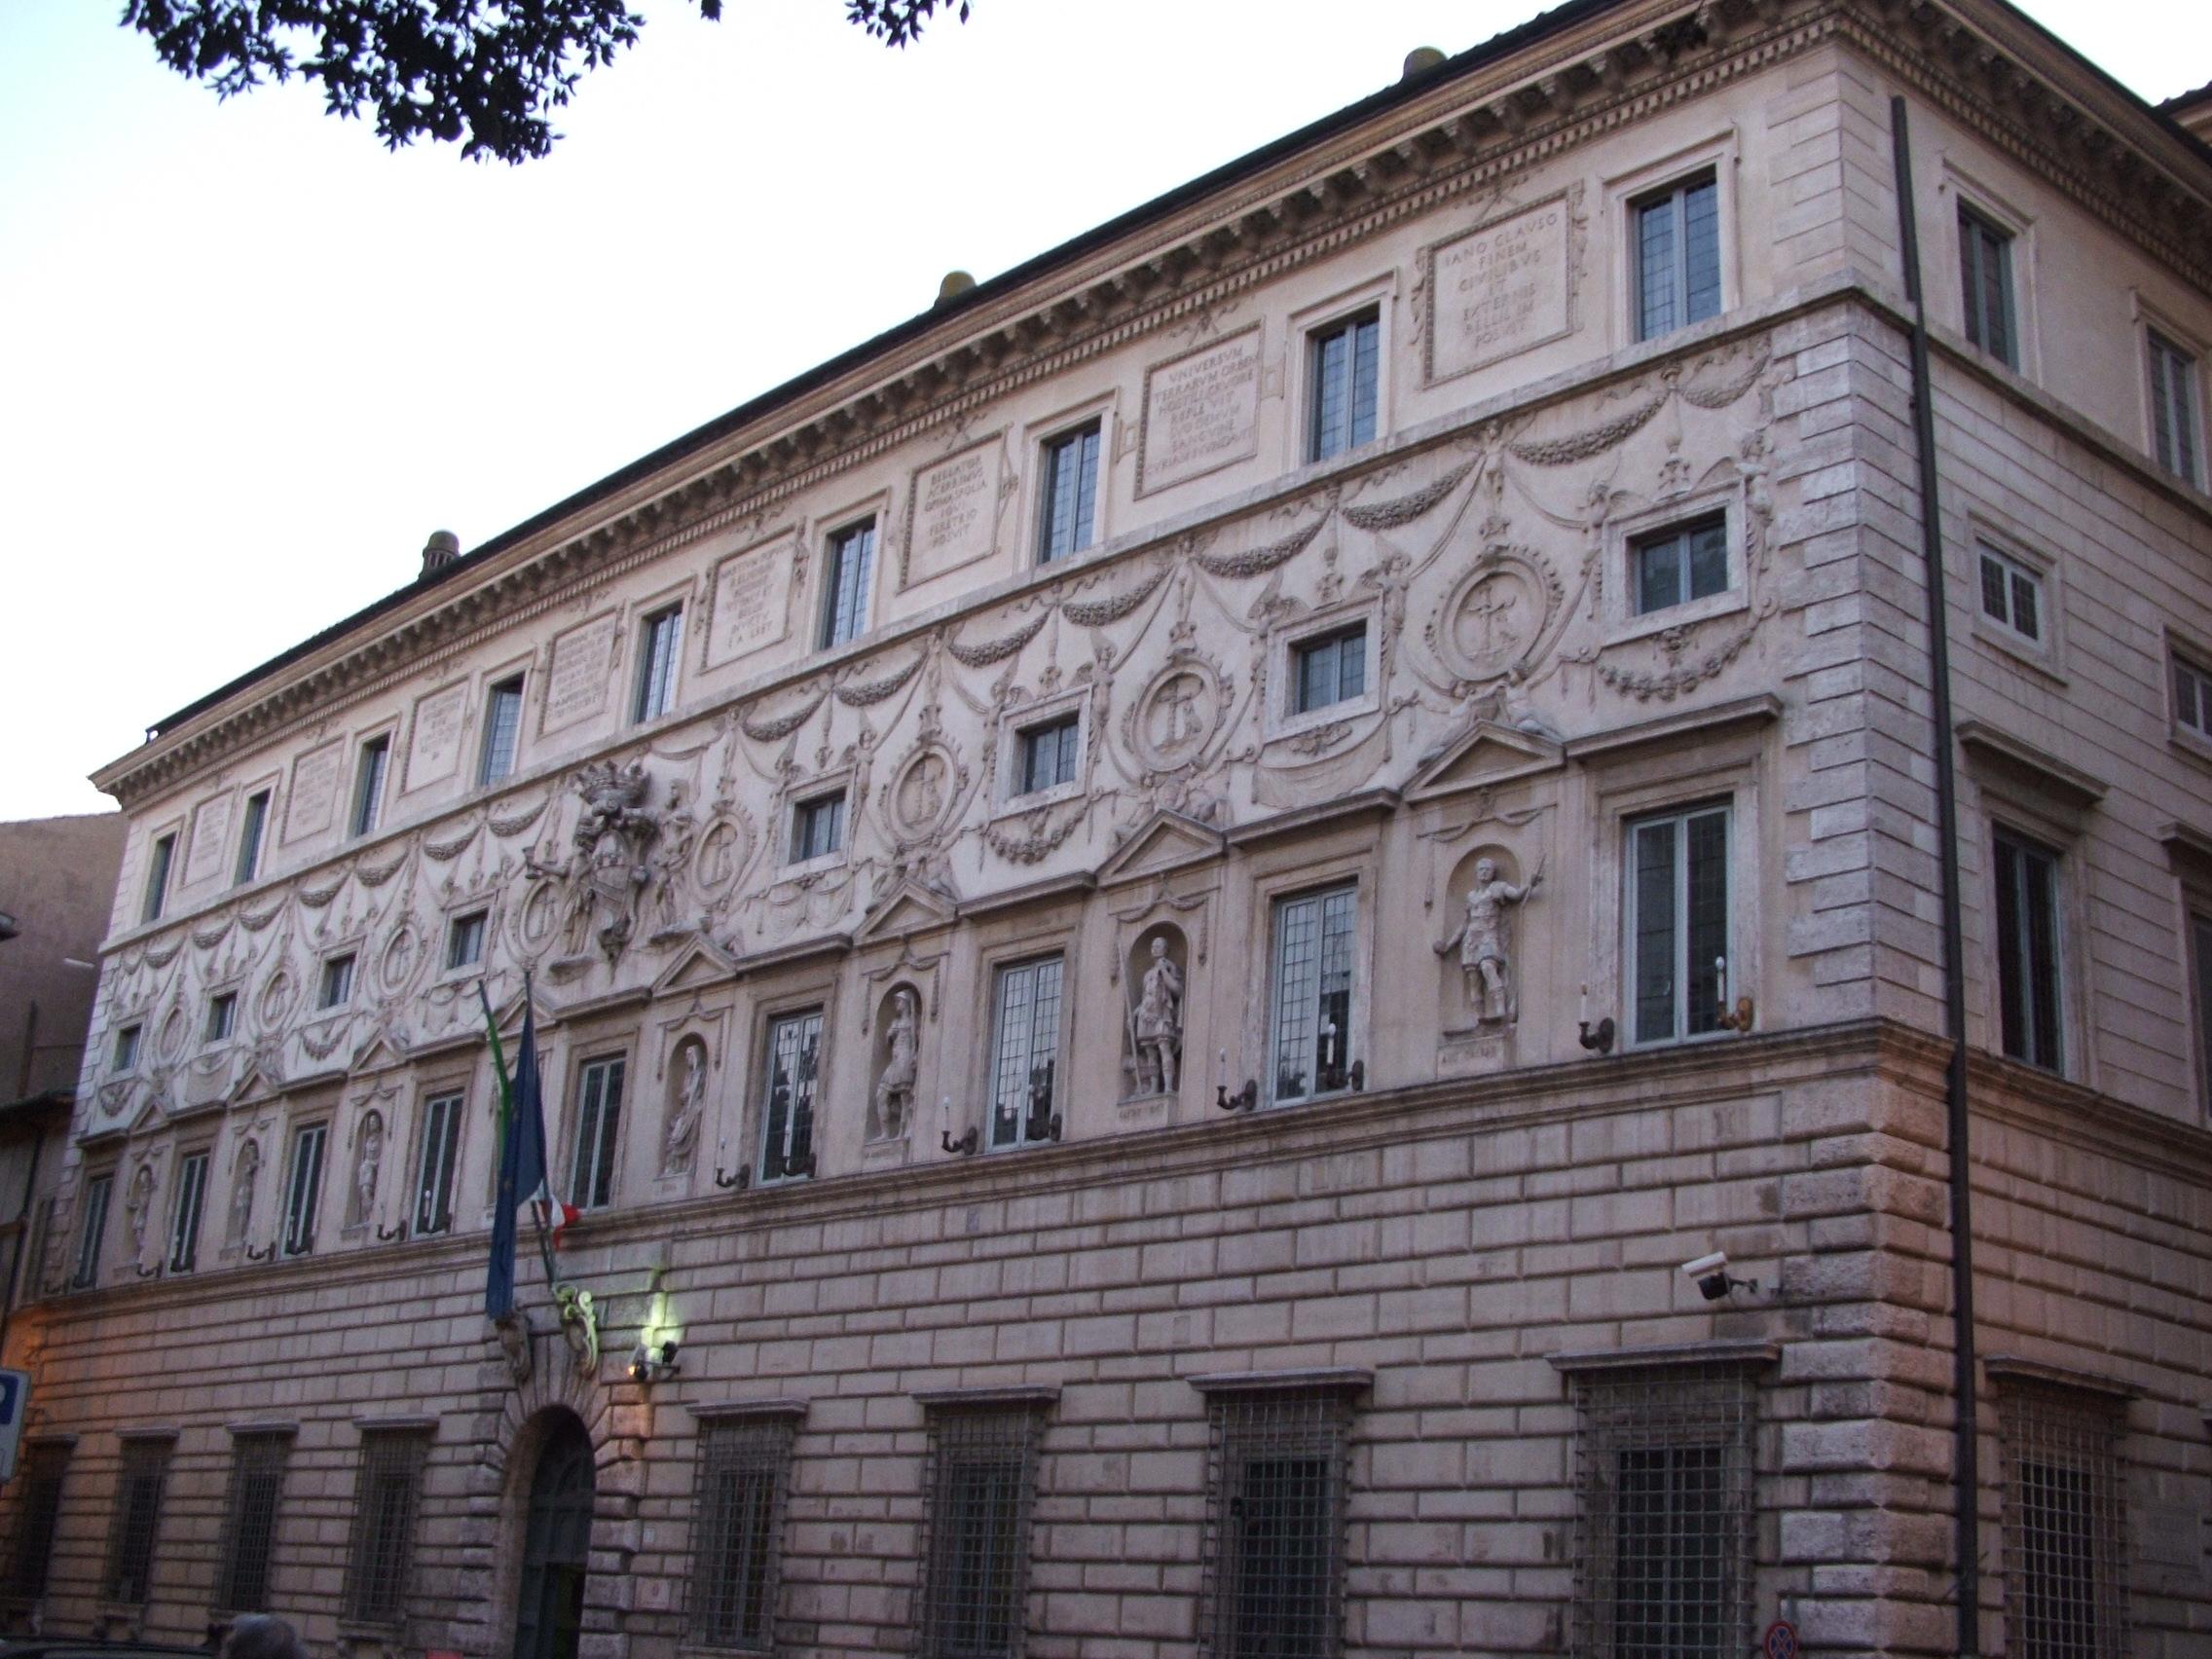 Consiglio di Stato: decreto presidenziale di sospensione efficacia sentenza TAR Lazio